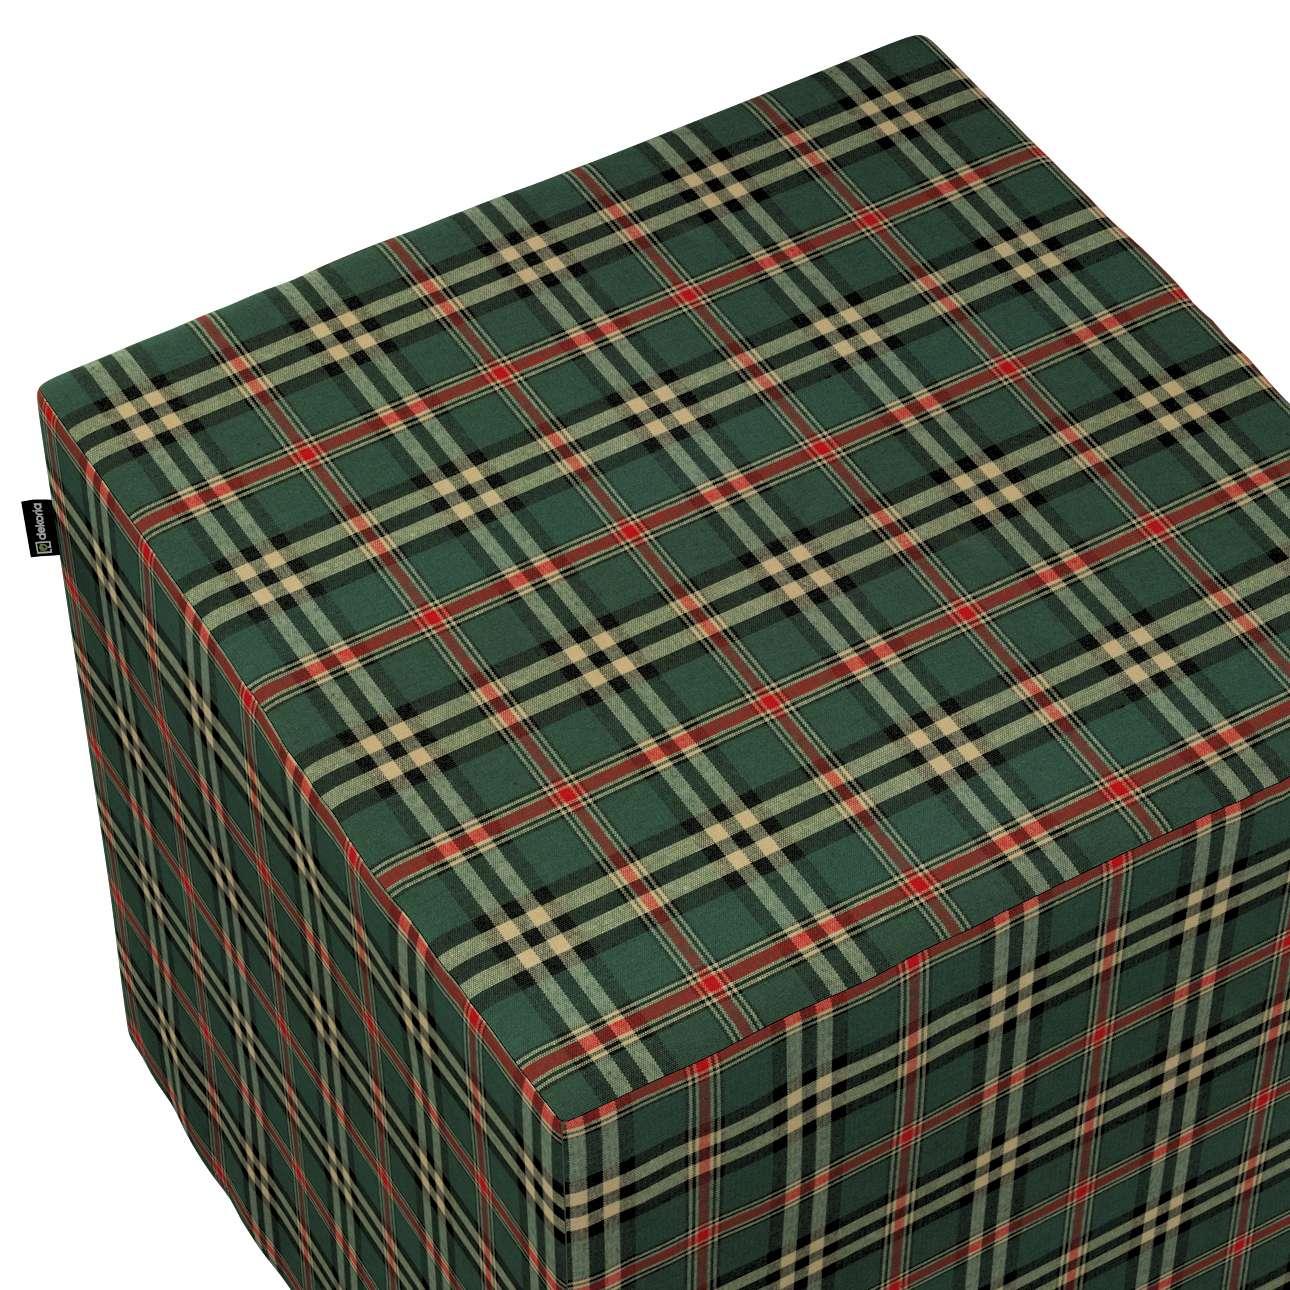 Pokrowiec na pufę kostkę w kolekcji Bristol, tkanina: 142-69